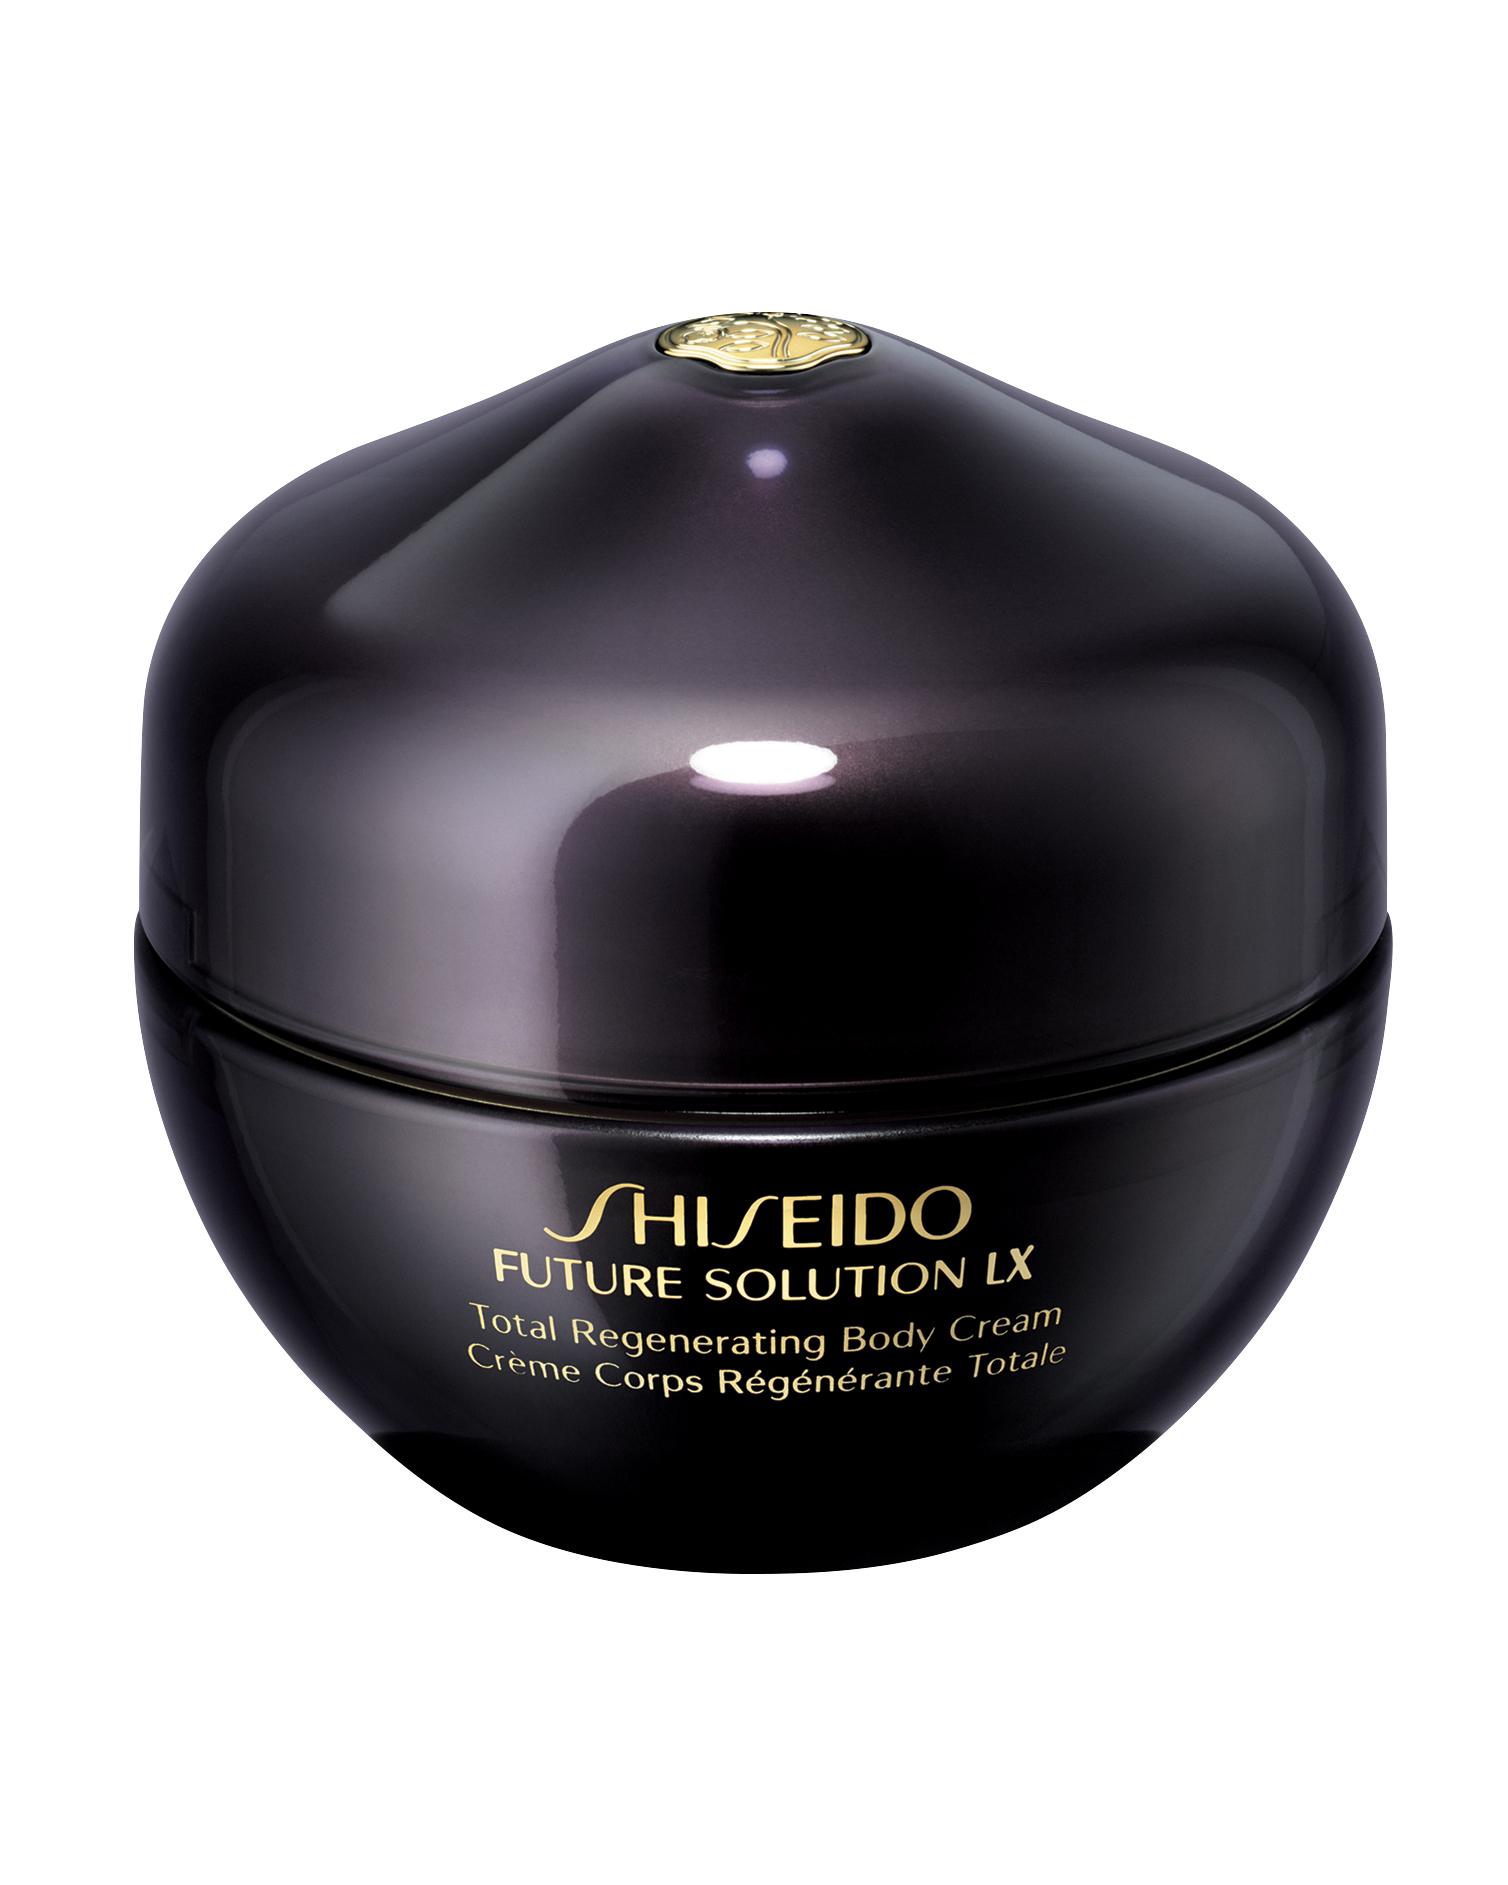 leslie-blodgett-beauty-picks-shiseido-total-regenerating-body-cream-0514.jpg